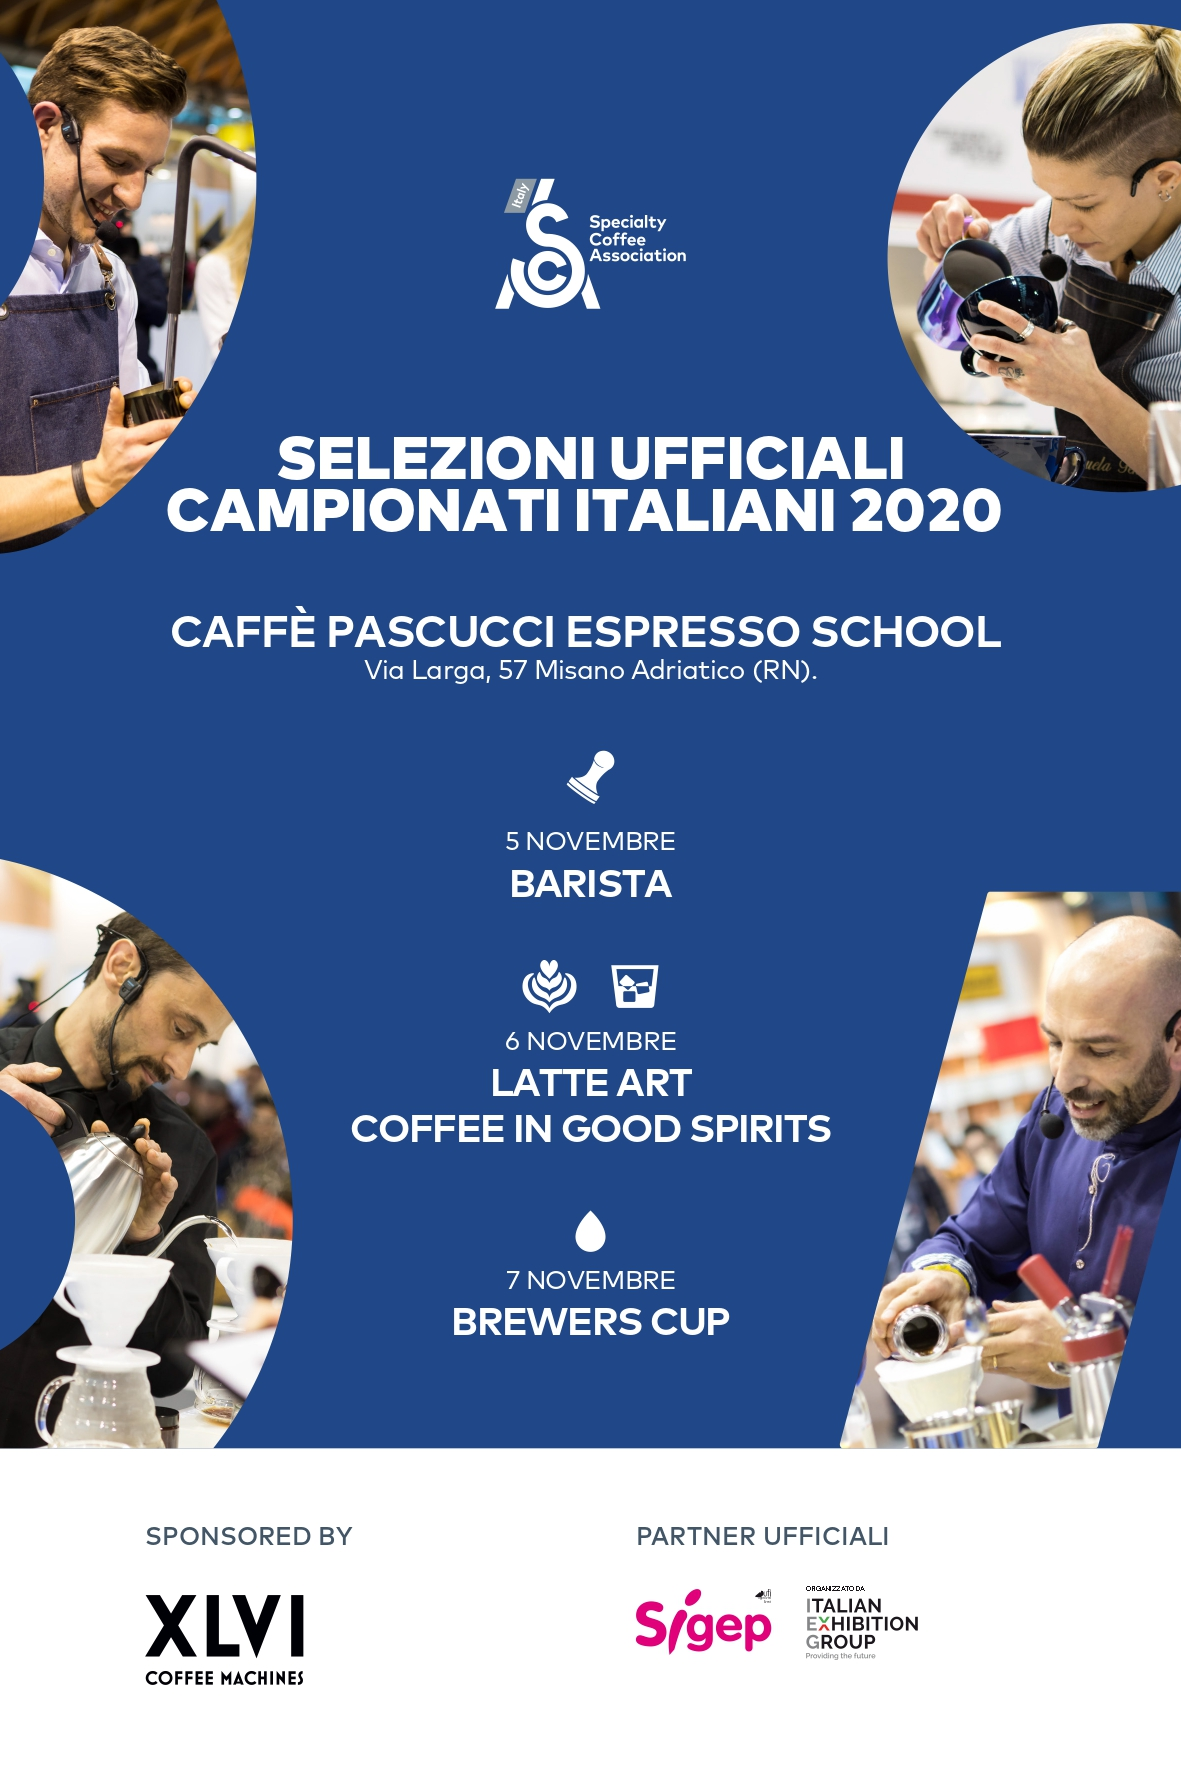 Caffè Pascucci SCA campionati italiani baristi 2020